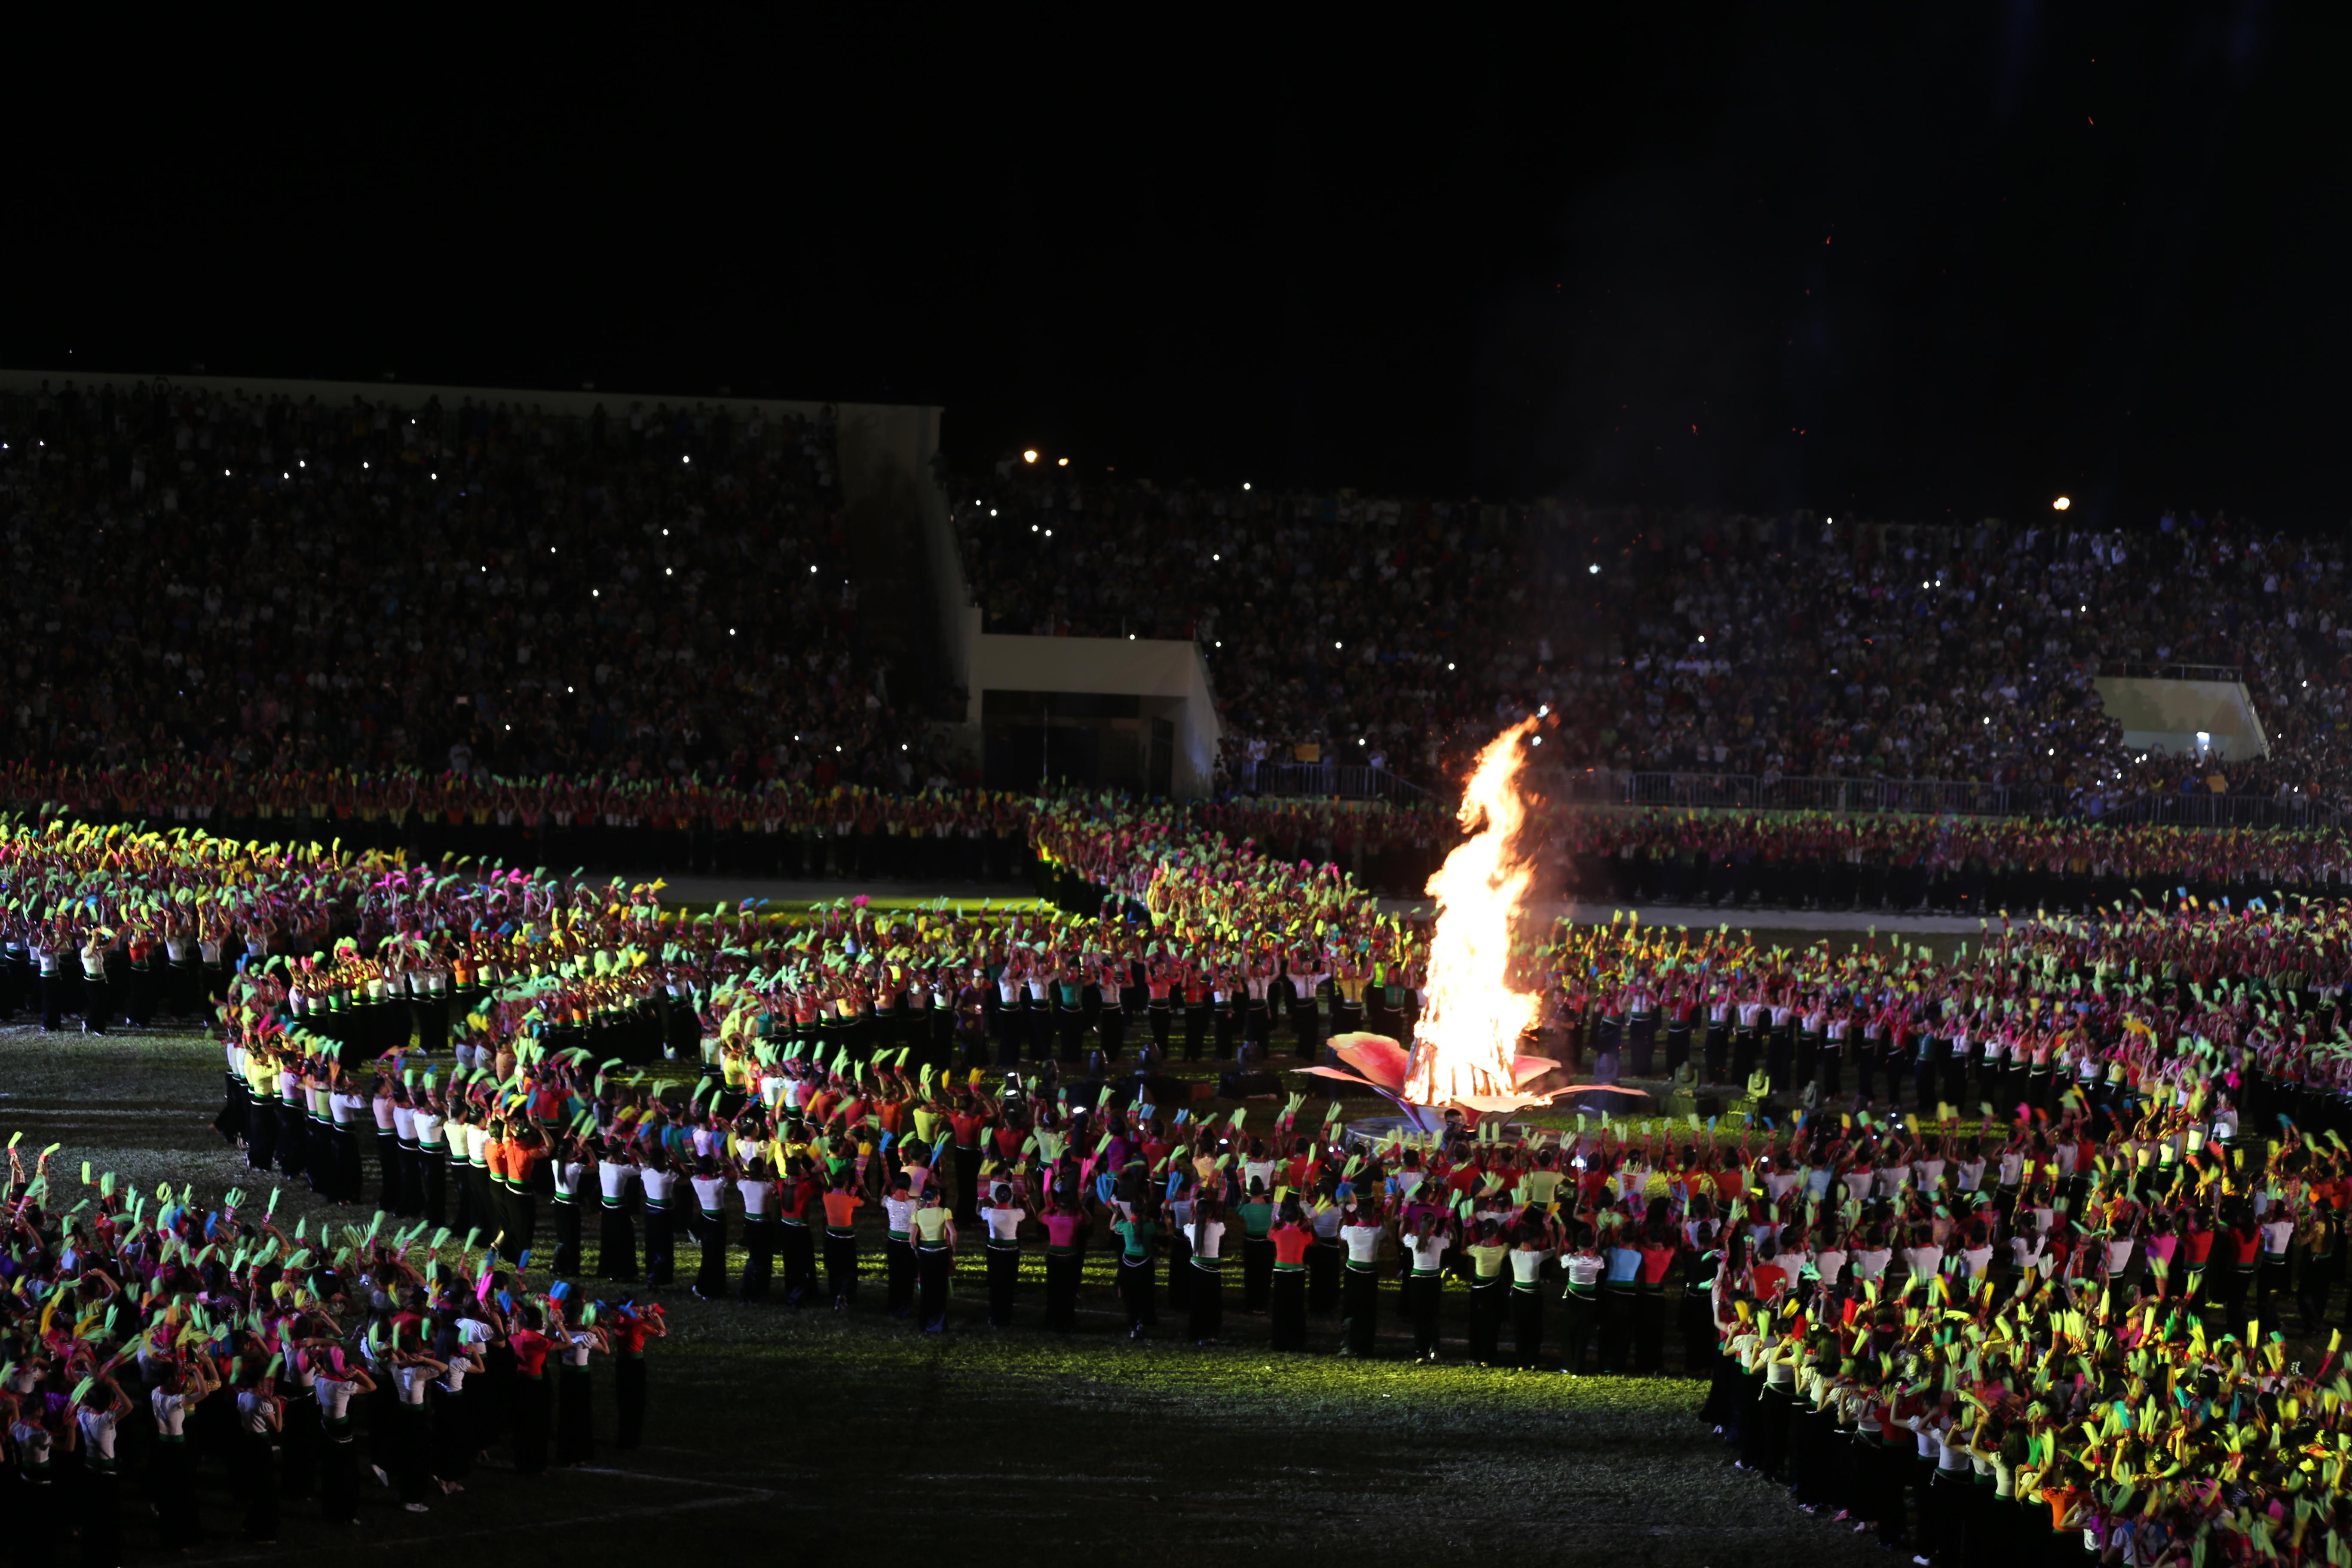 Lễ hội Văn hóa, du lịch Mường Lò 2019: Độc đáo, đậm đà bản sắc dân tộc